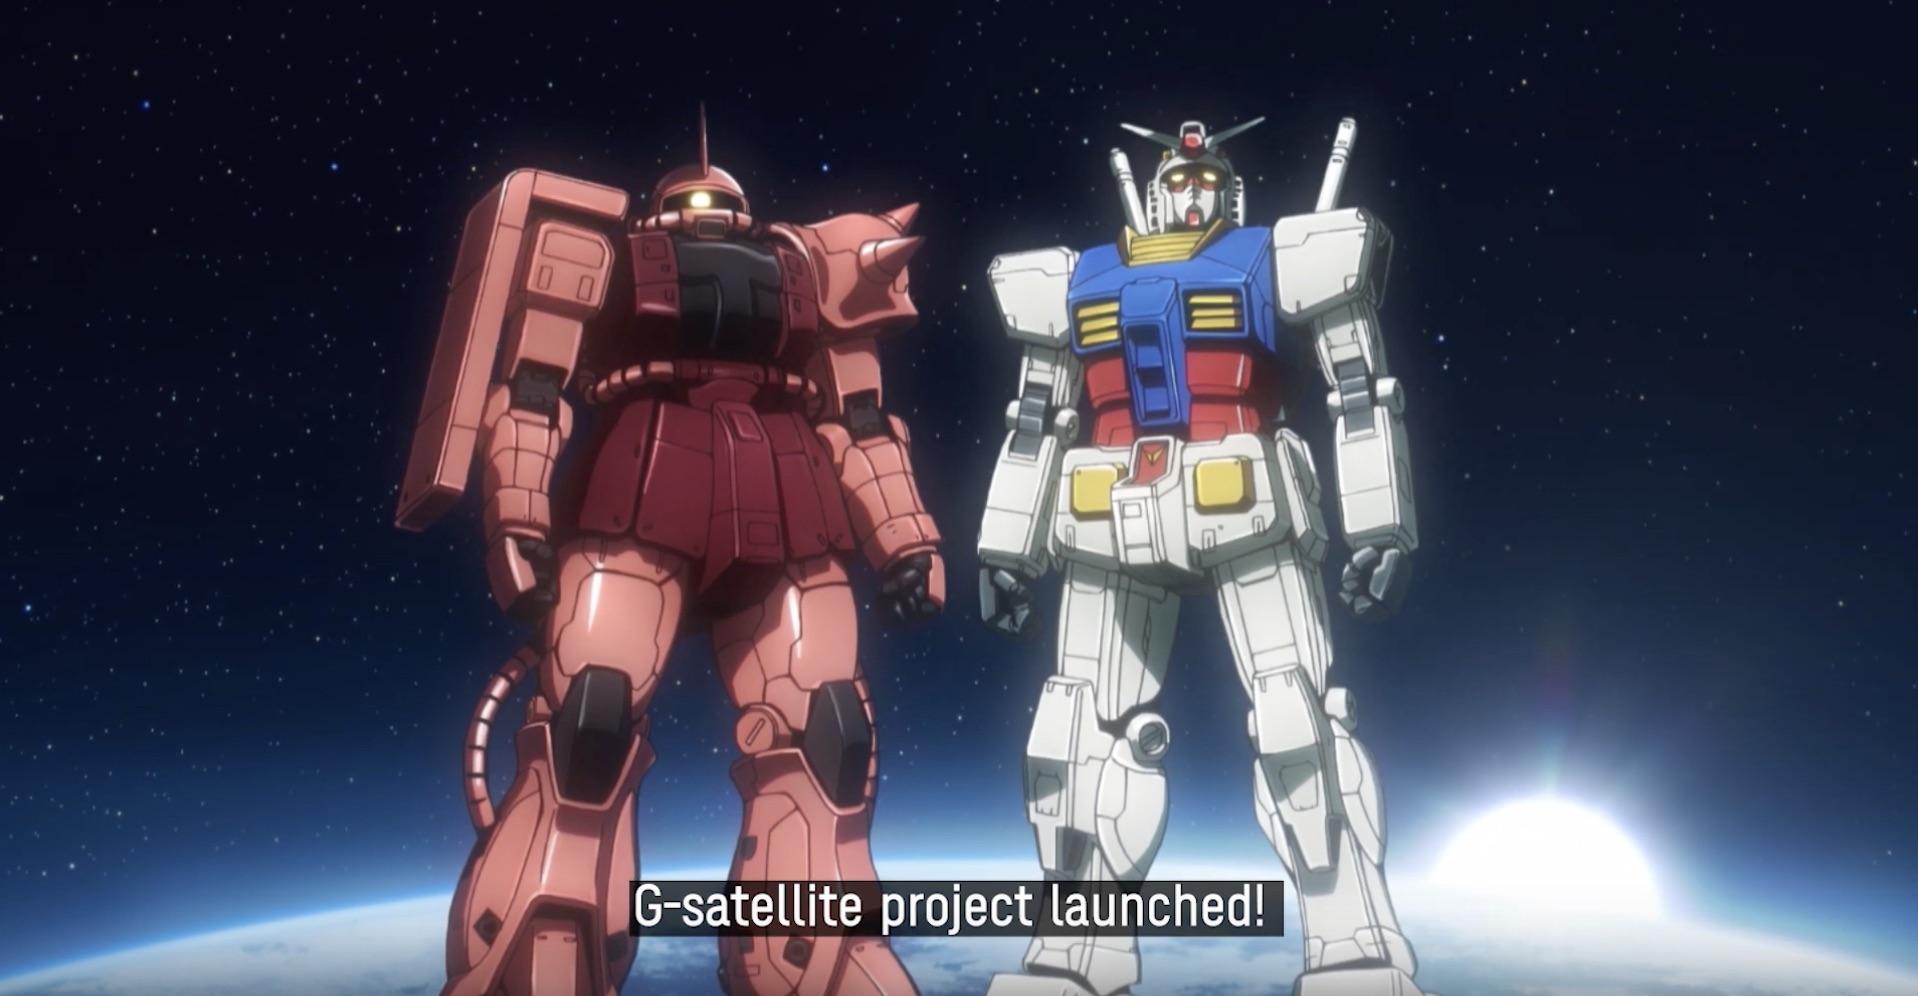 Un piccolo satellite per celebrare i giochi olimpici di Tokyo 2020 con Gundam